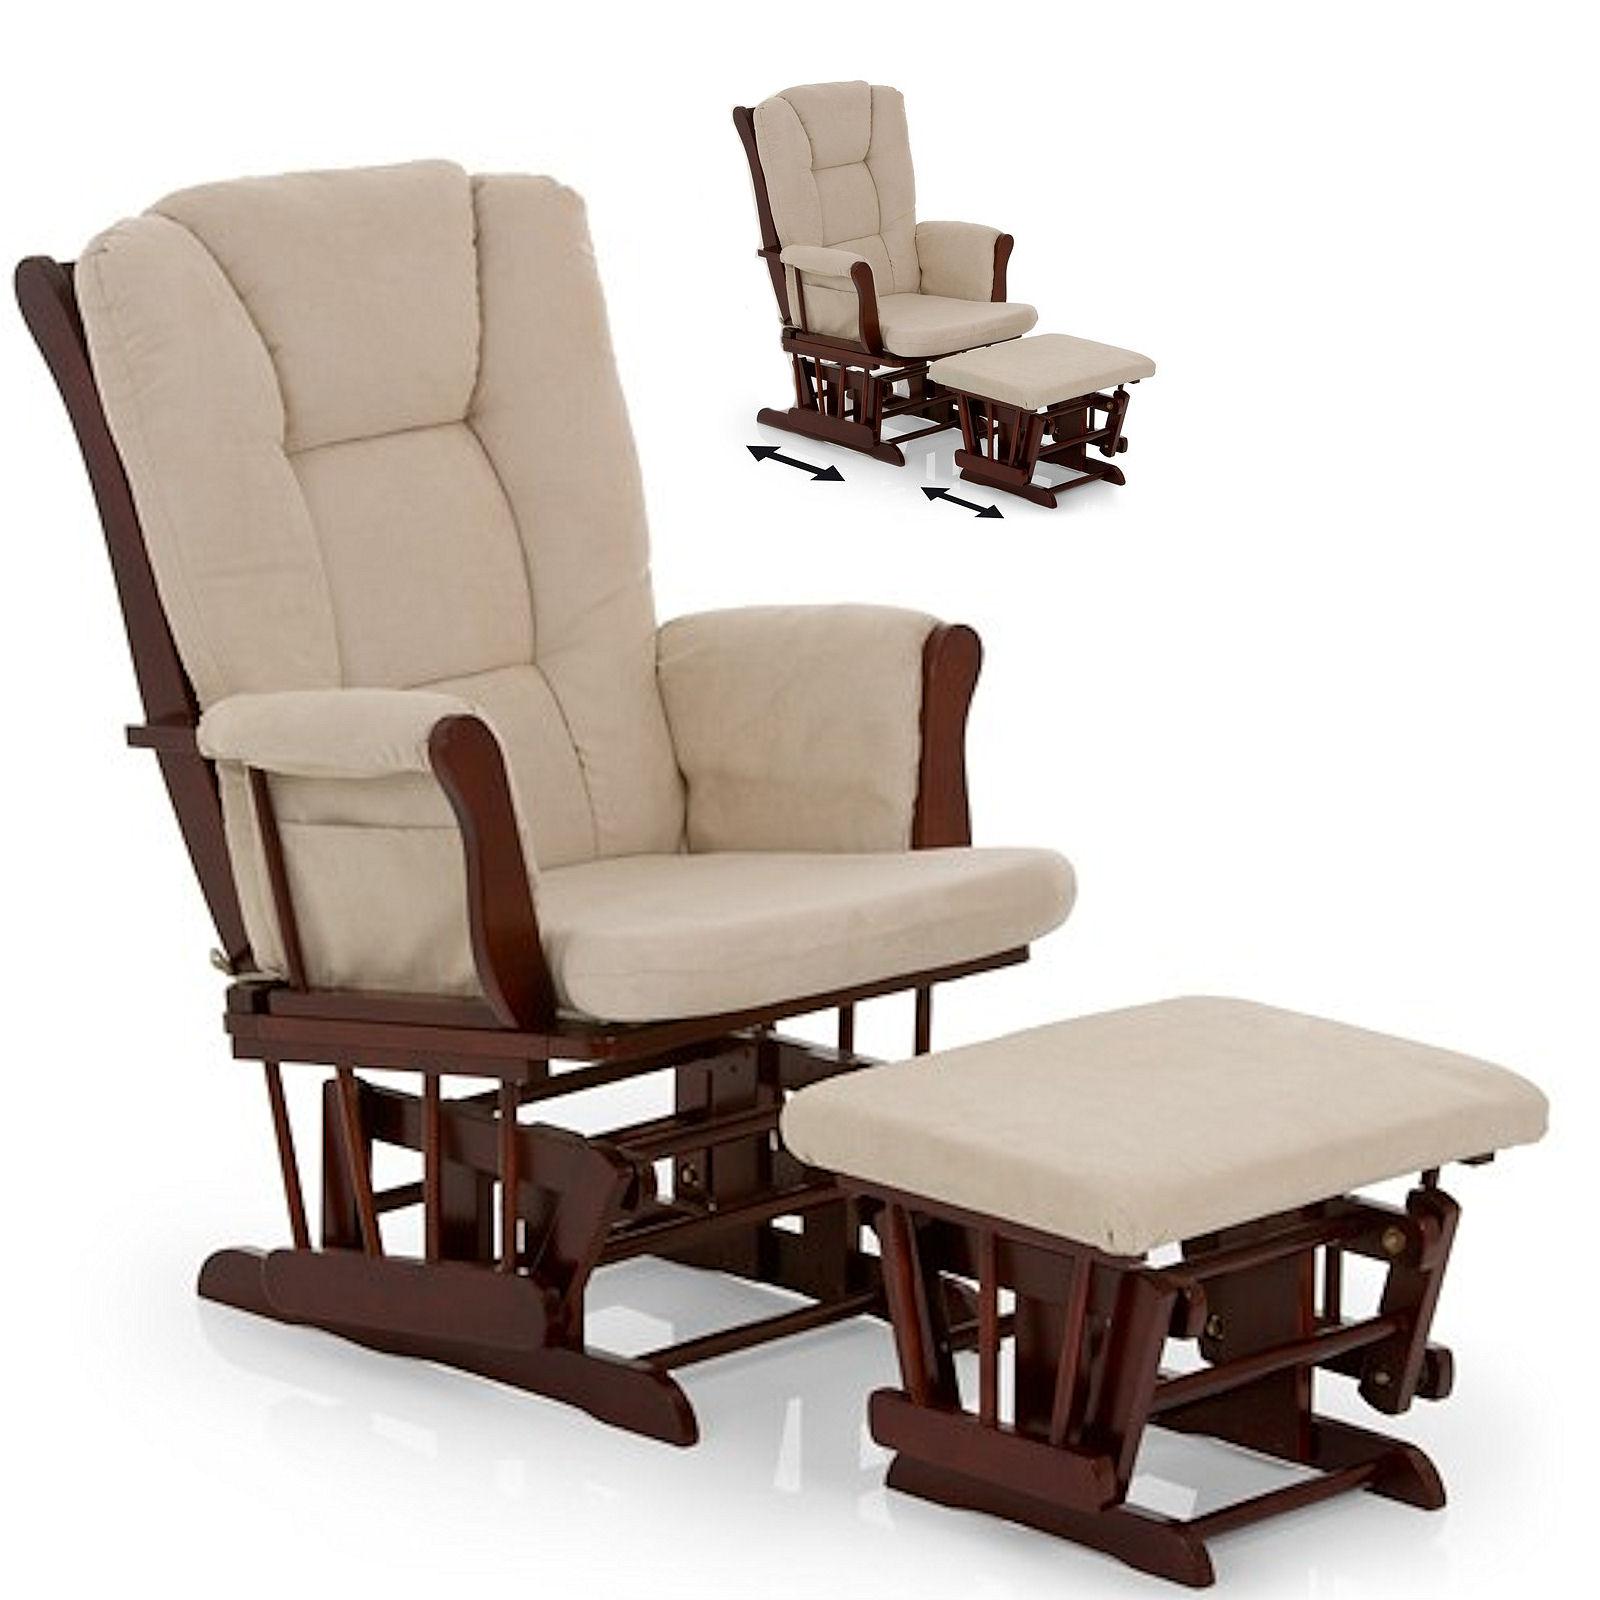 Hauck Glider / Rocking Nursing Chair U0026 Stool   Walnut / Beige